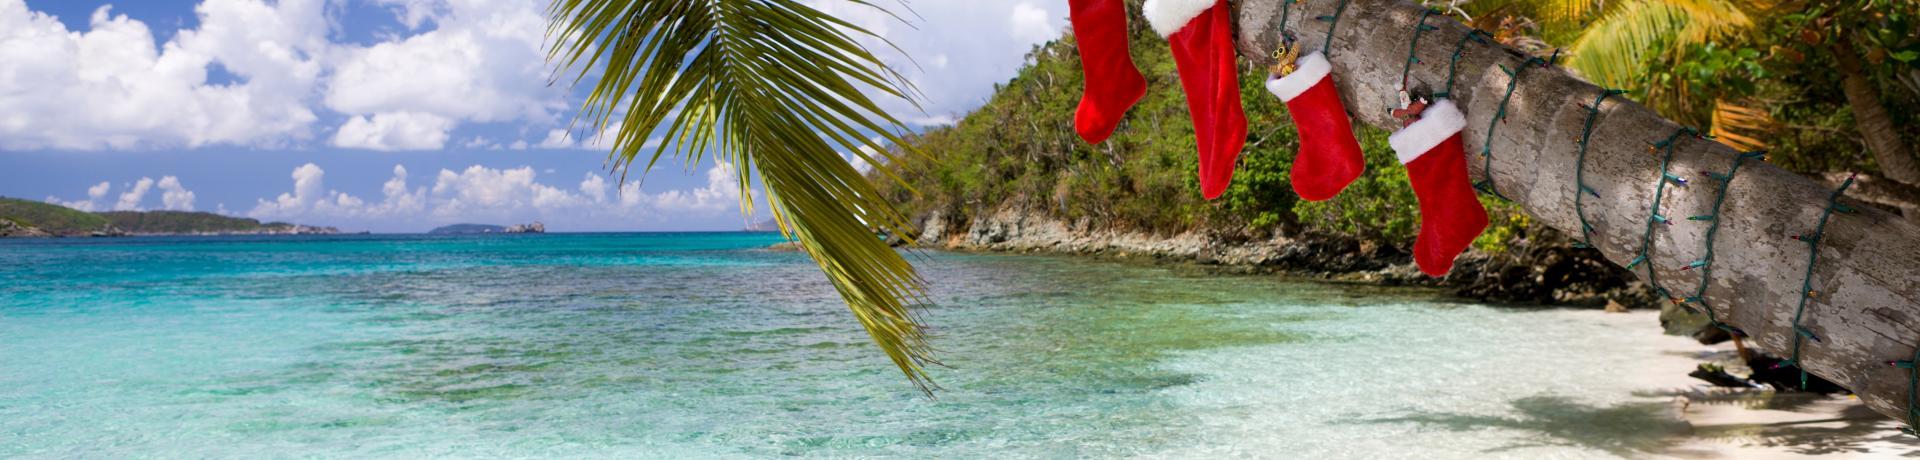 Themenwelt-Weihnachtsreisen.jpg